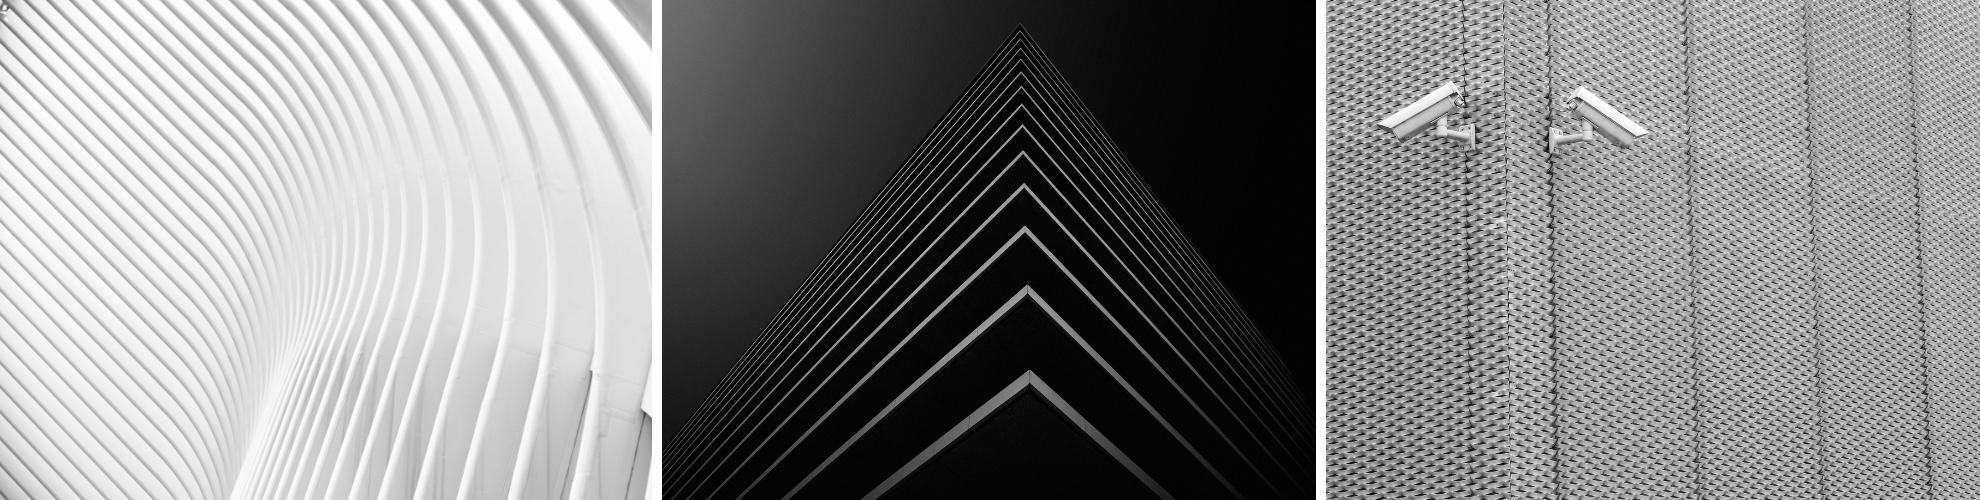 Wit zwart grijs